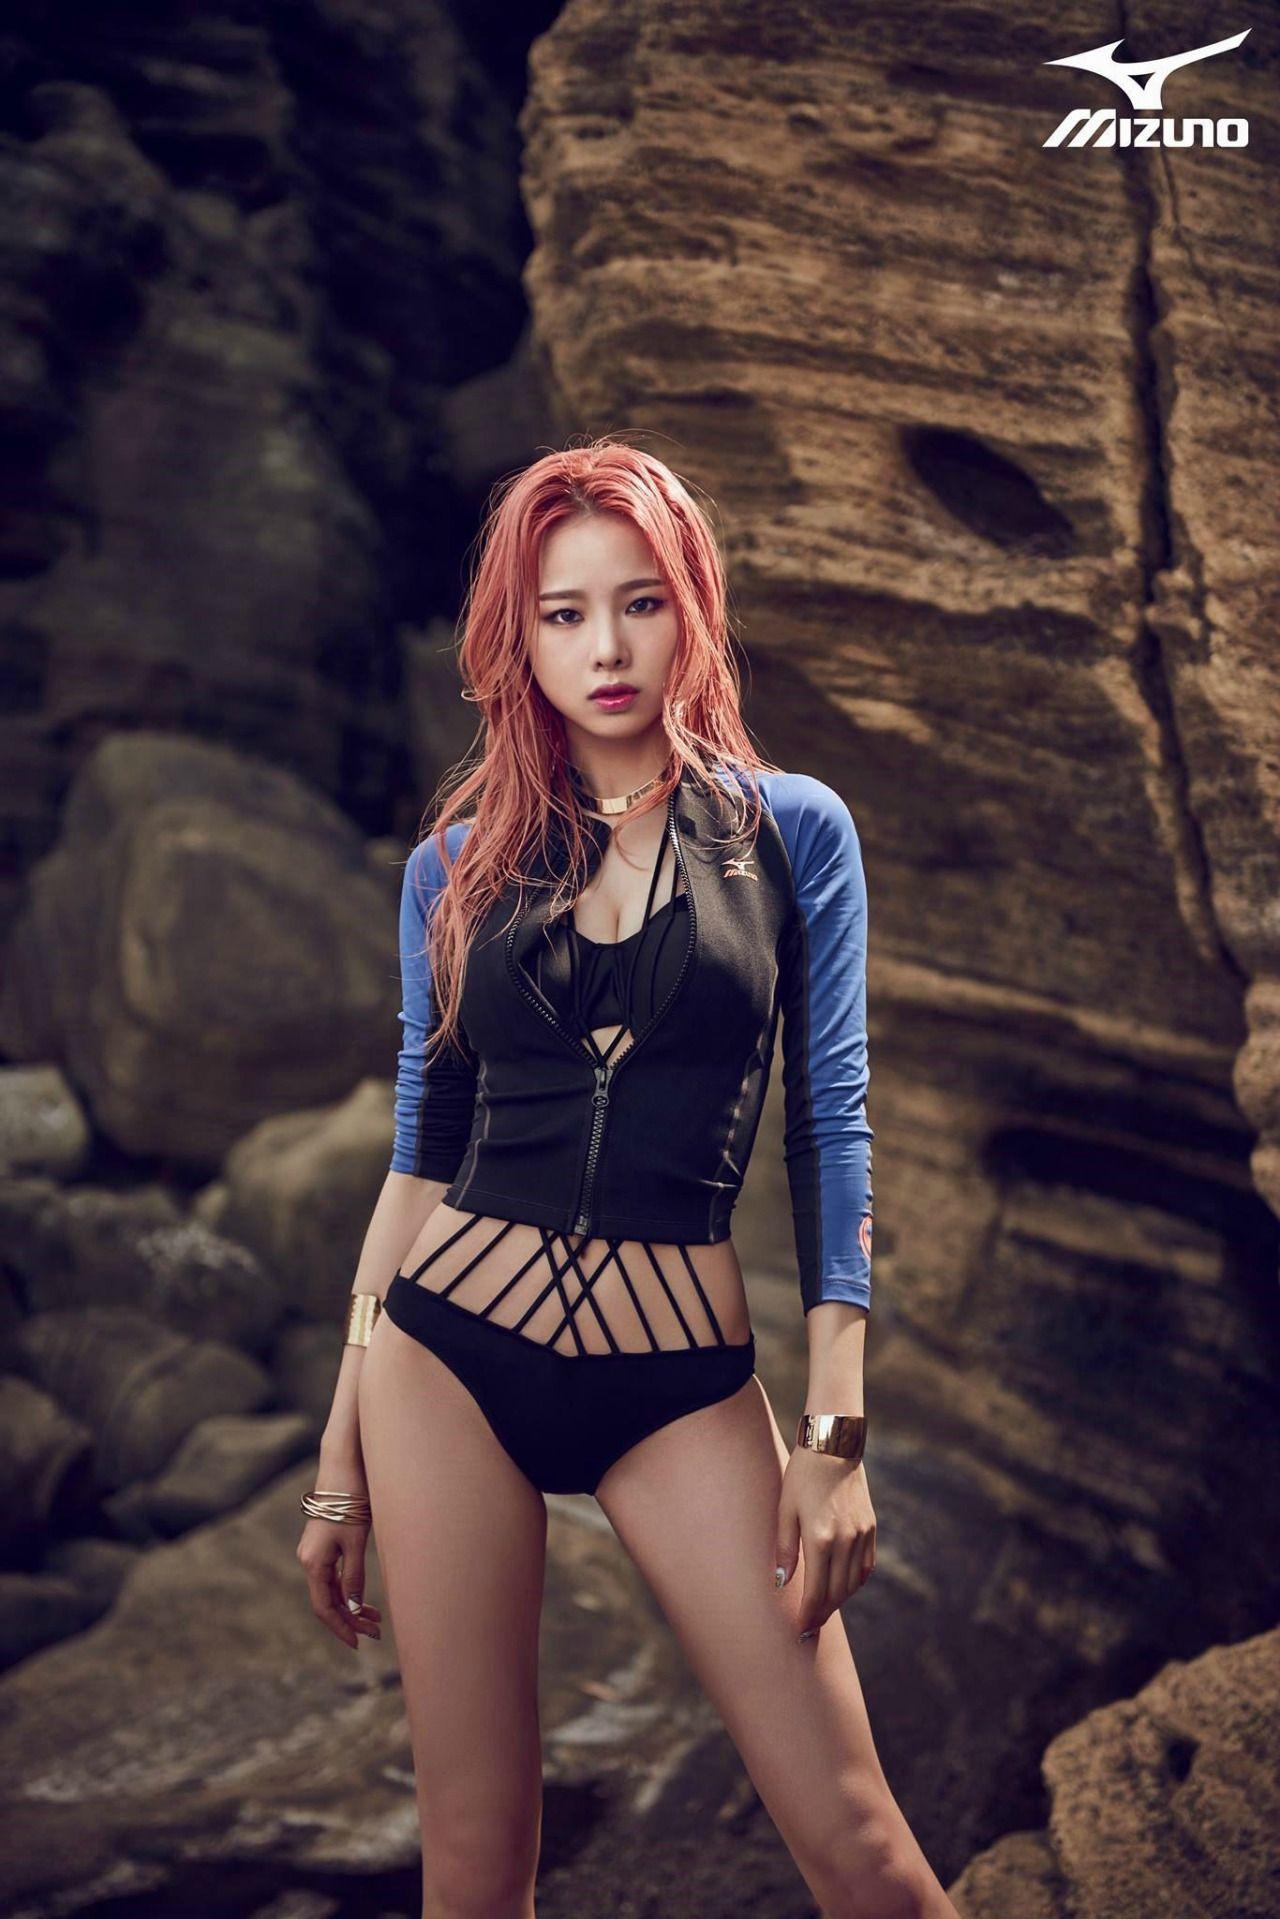 Solji - EXID - Mizuno S/S 2015 | Solji | Korean girl, Kpop ...